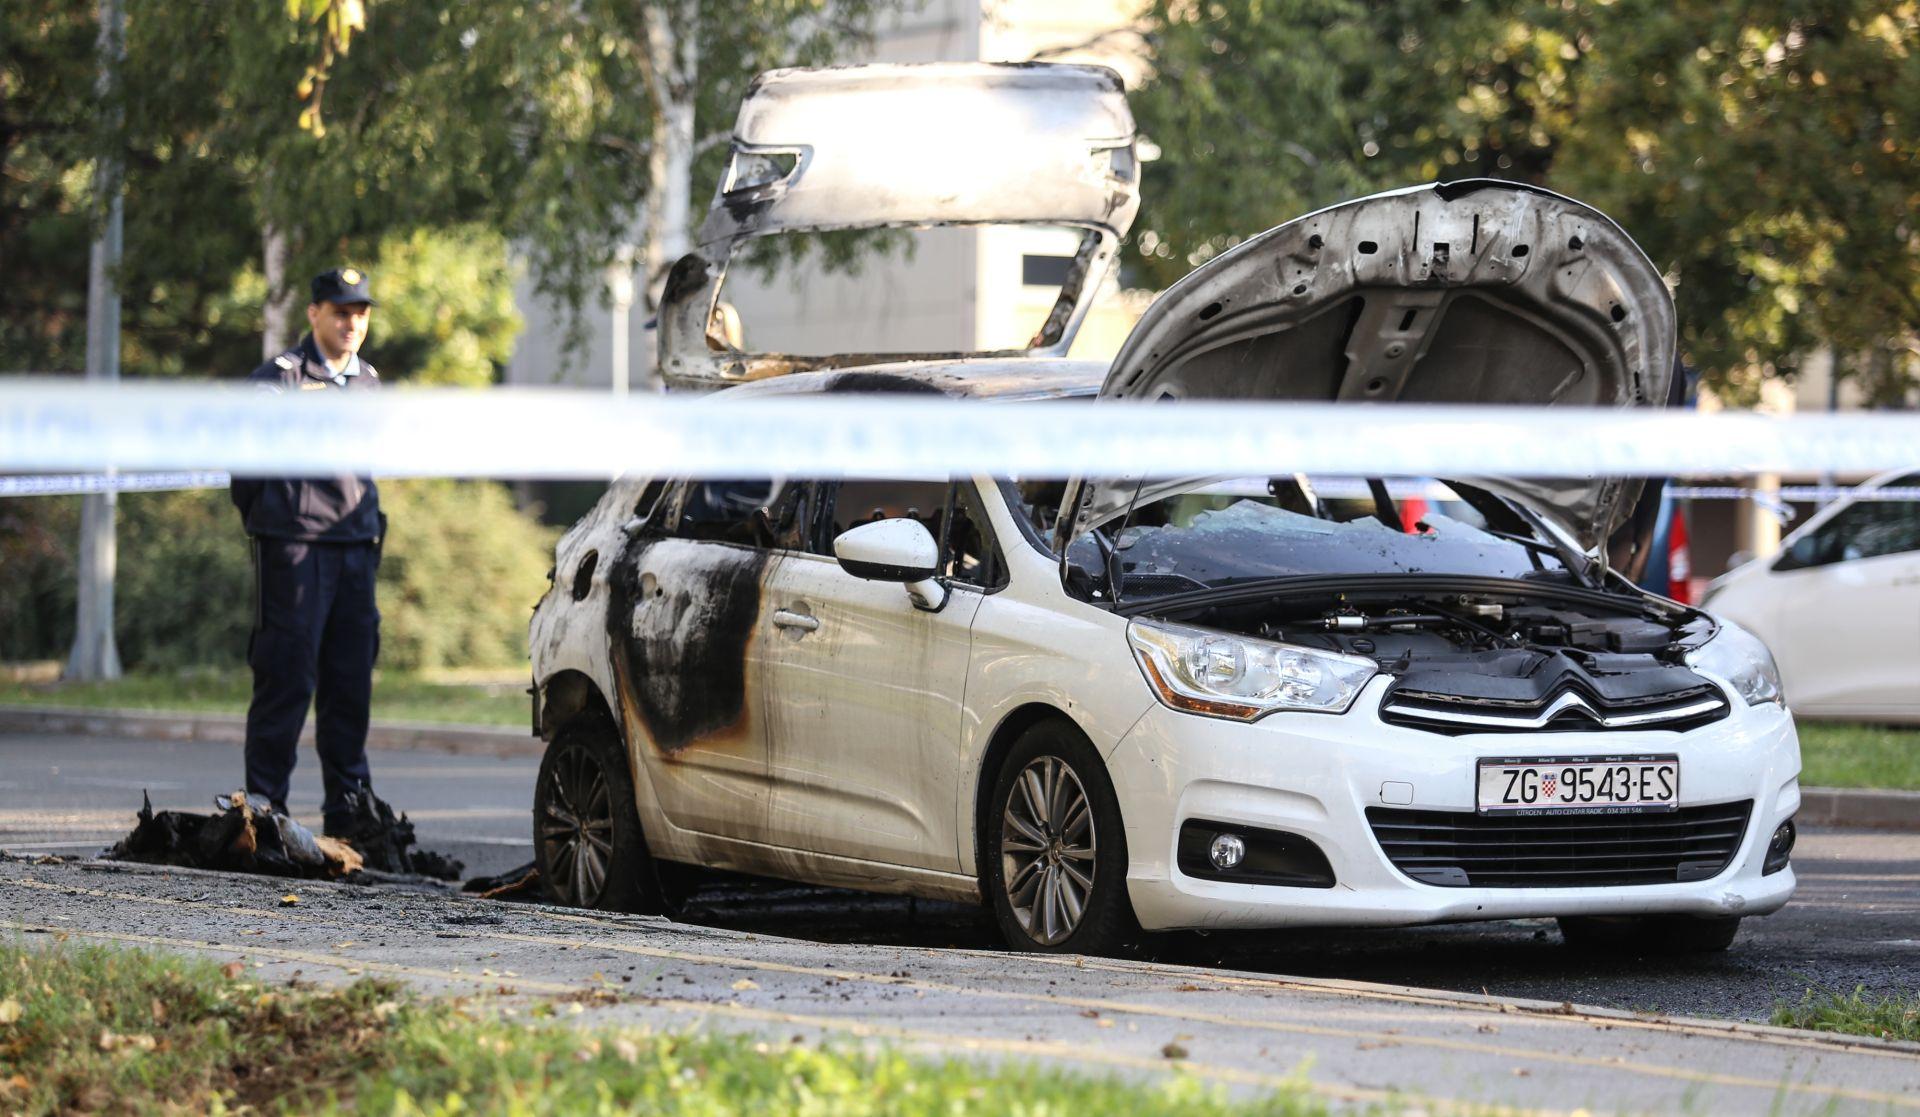 FOTO: Kod Filozofskog fakulteta noćas razbijen i zapaljen osobni automobil